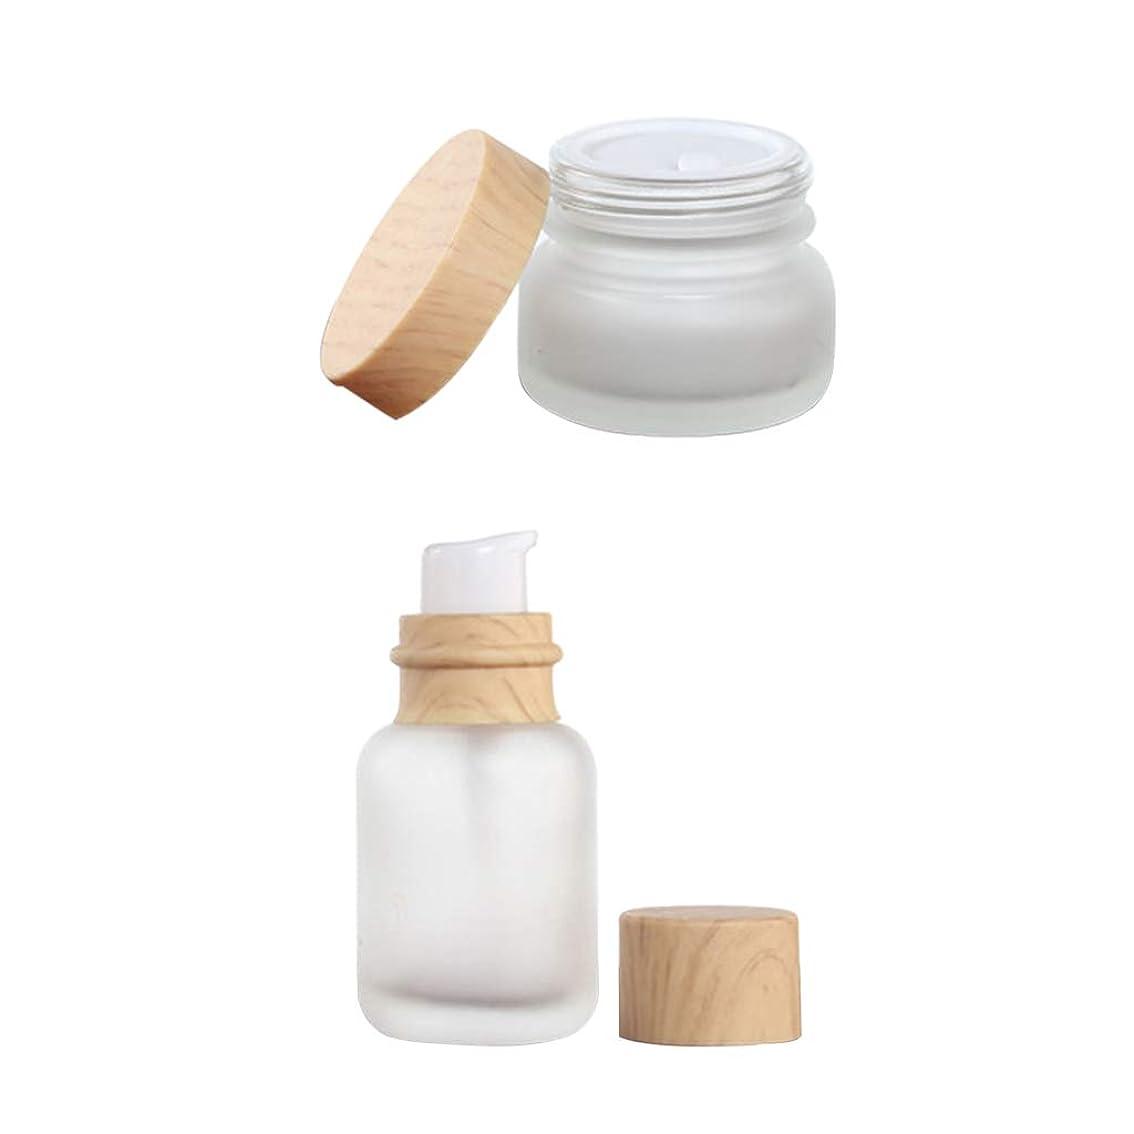 もっと帰する貫通SM SunniMix ポンプボトル クリームケース 小分け 詰め替え容器 50ML 広い口 木製カバー付き 化粧品 容器瓶